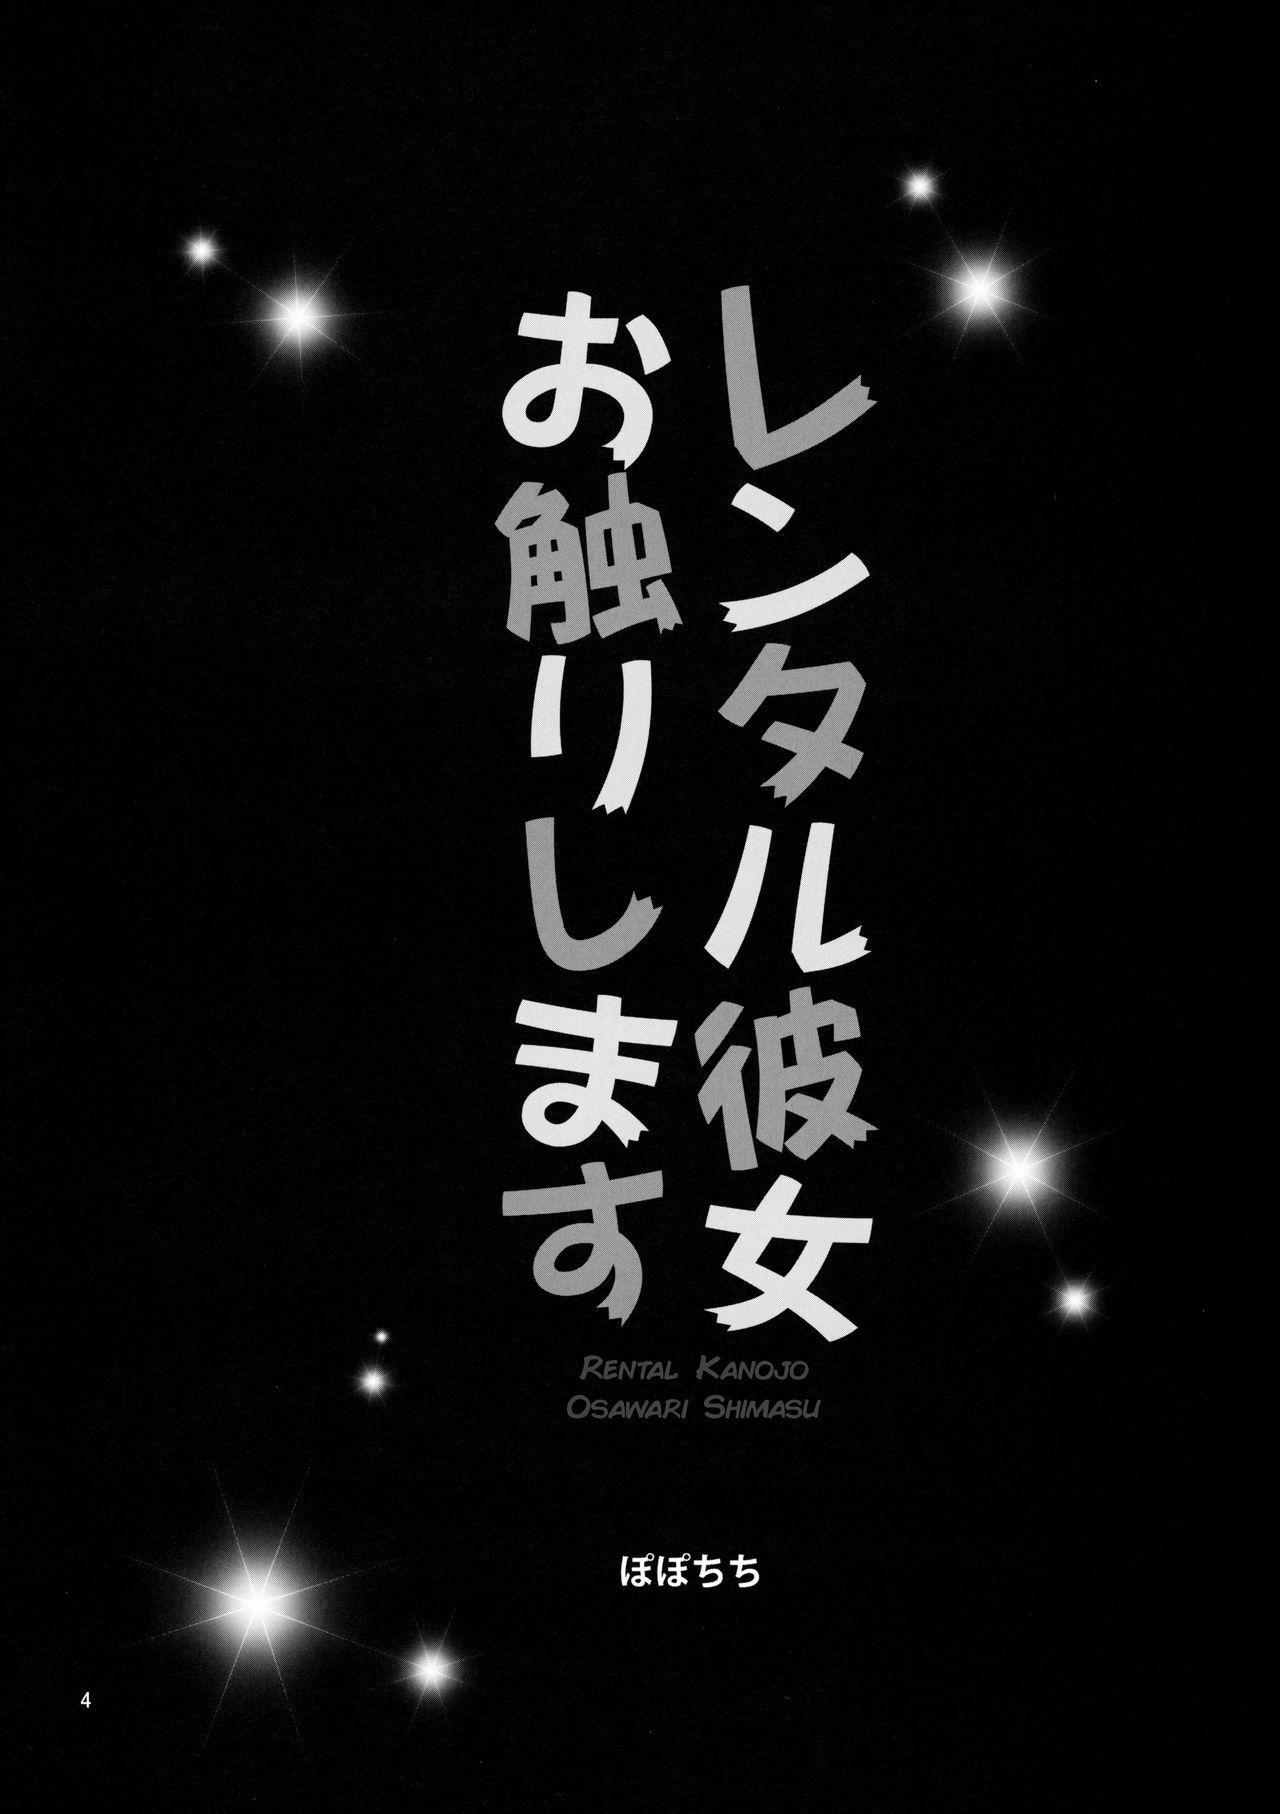 Rental Kanojo Osawari Shimasu 2